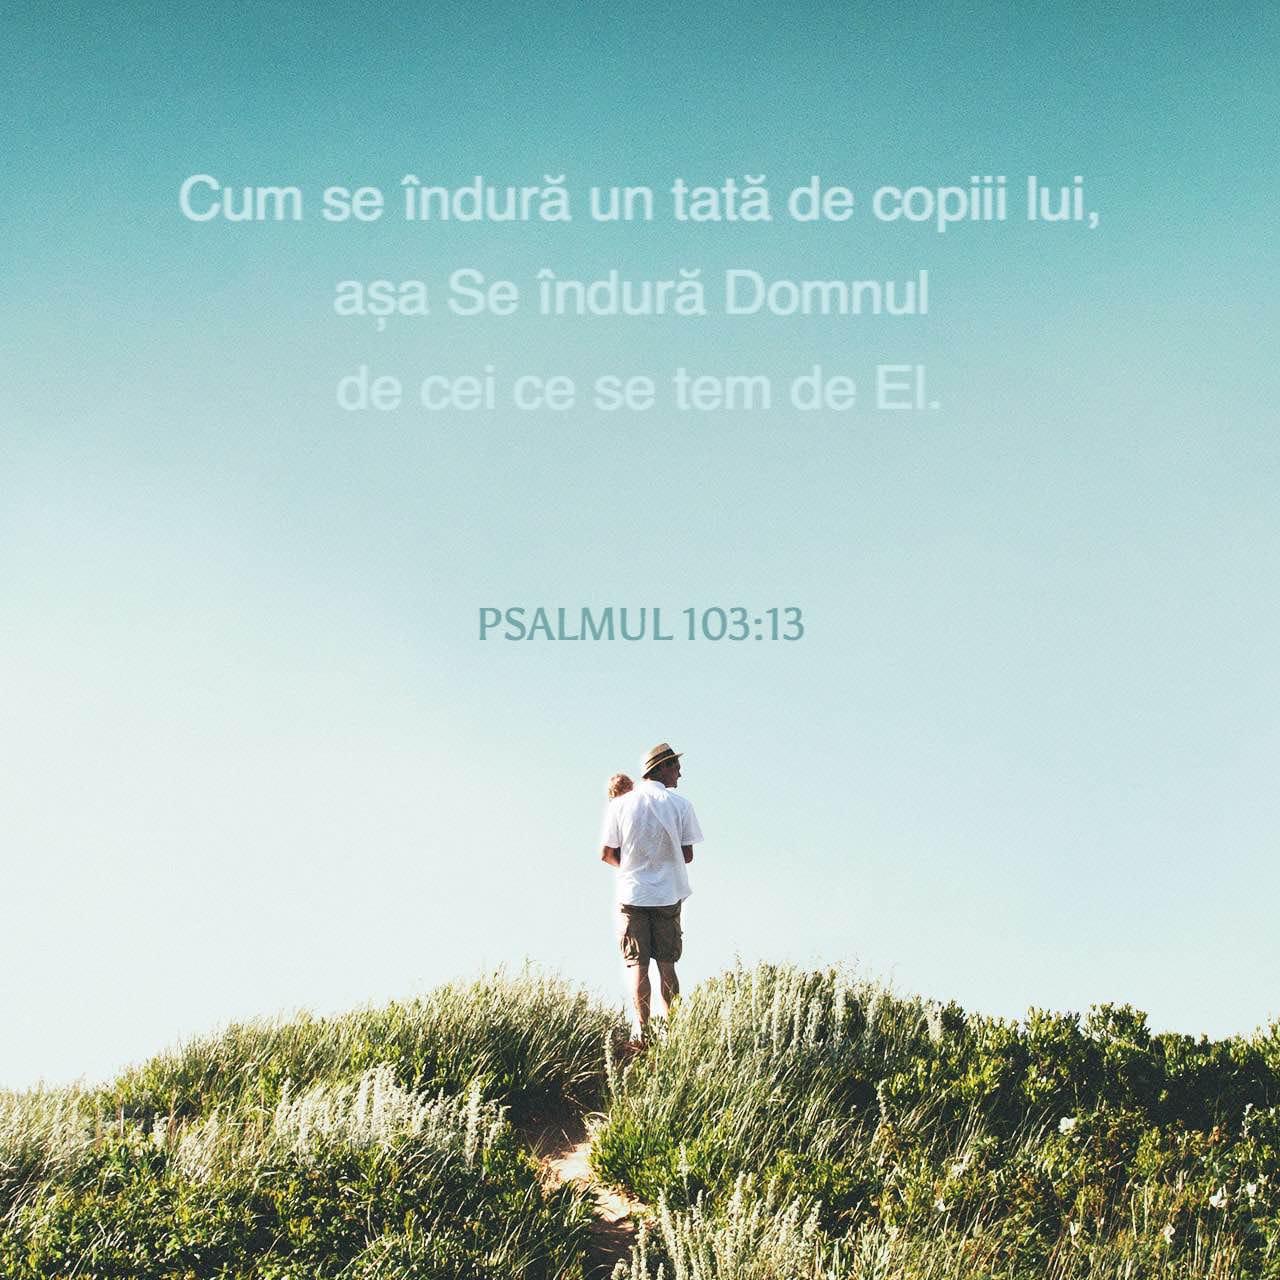 Verset ilustrat pentru Psalm 103:13